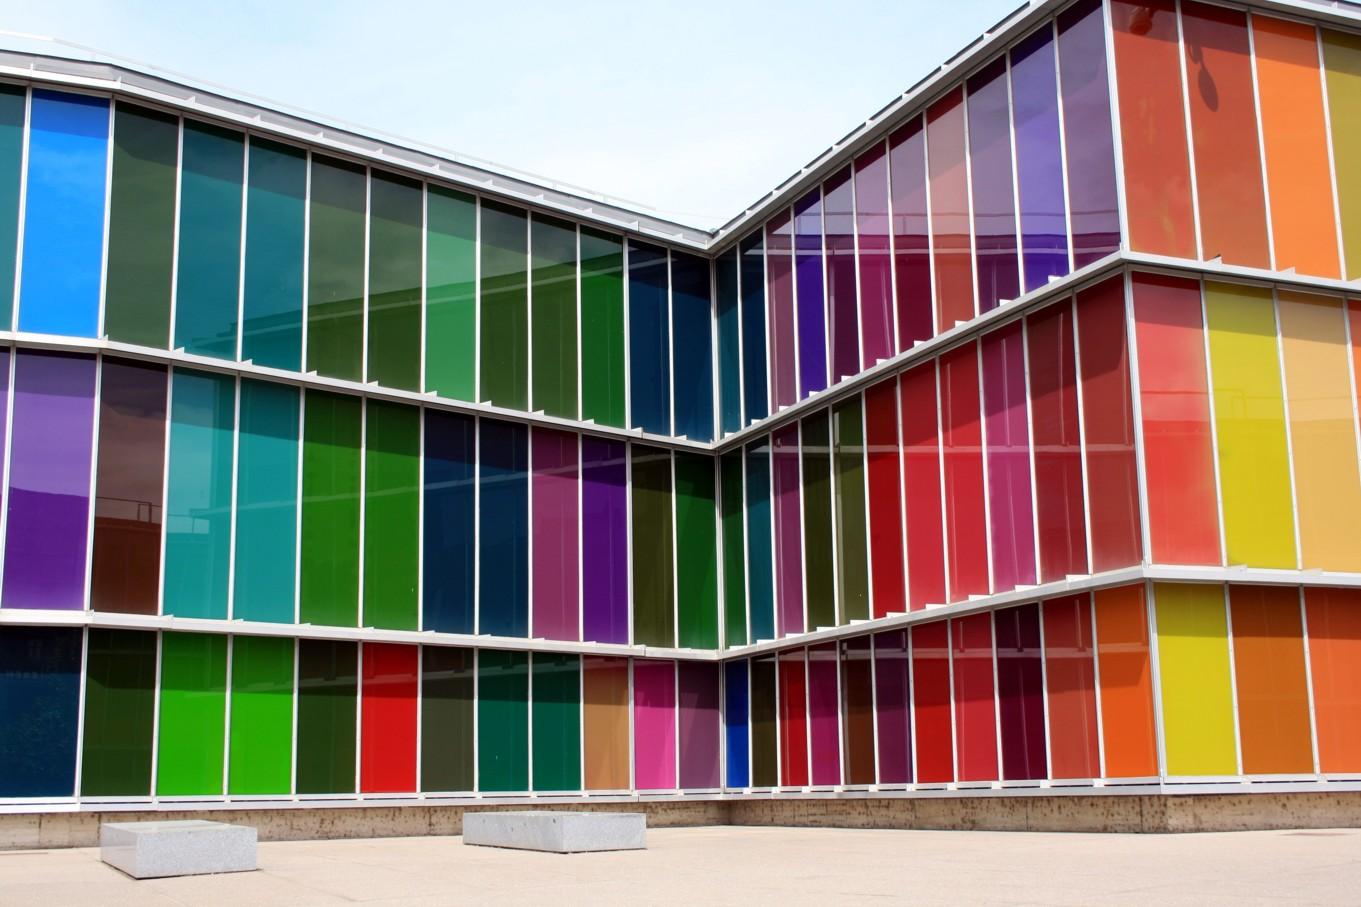 musac Museo de arte contemporaneo